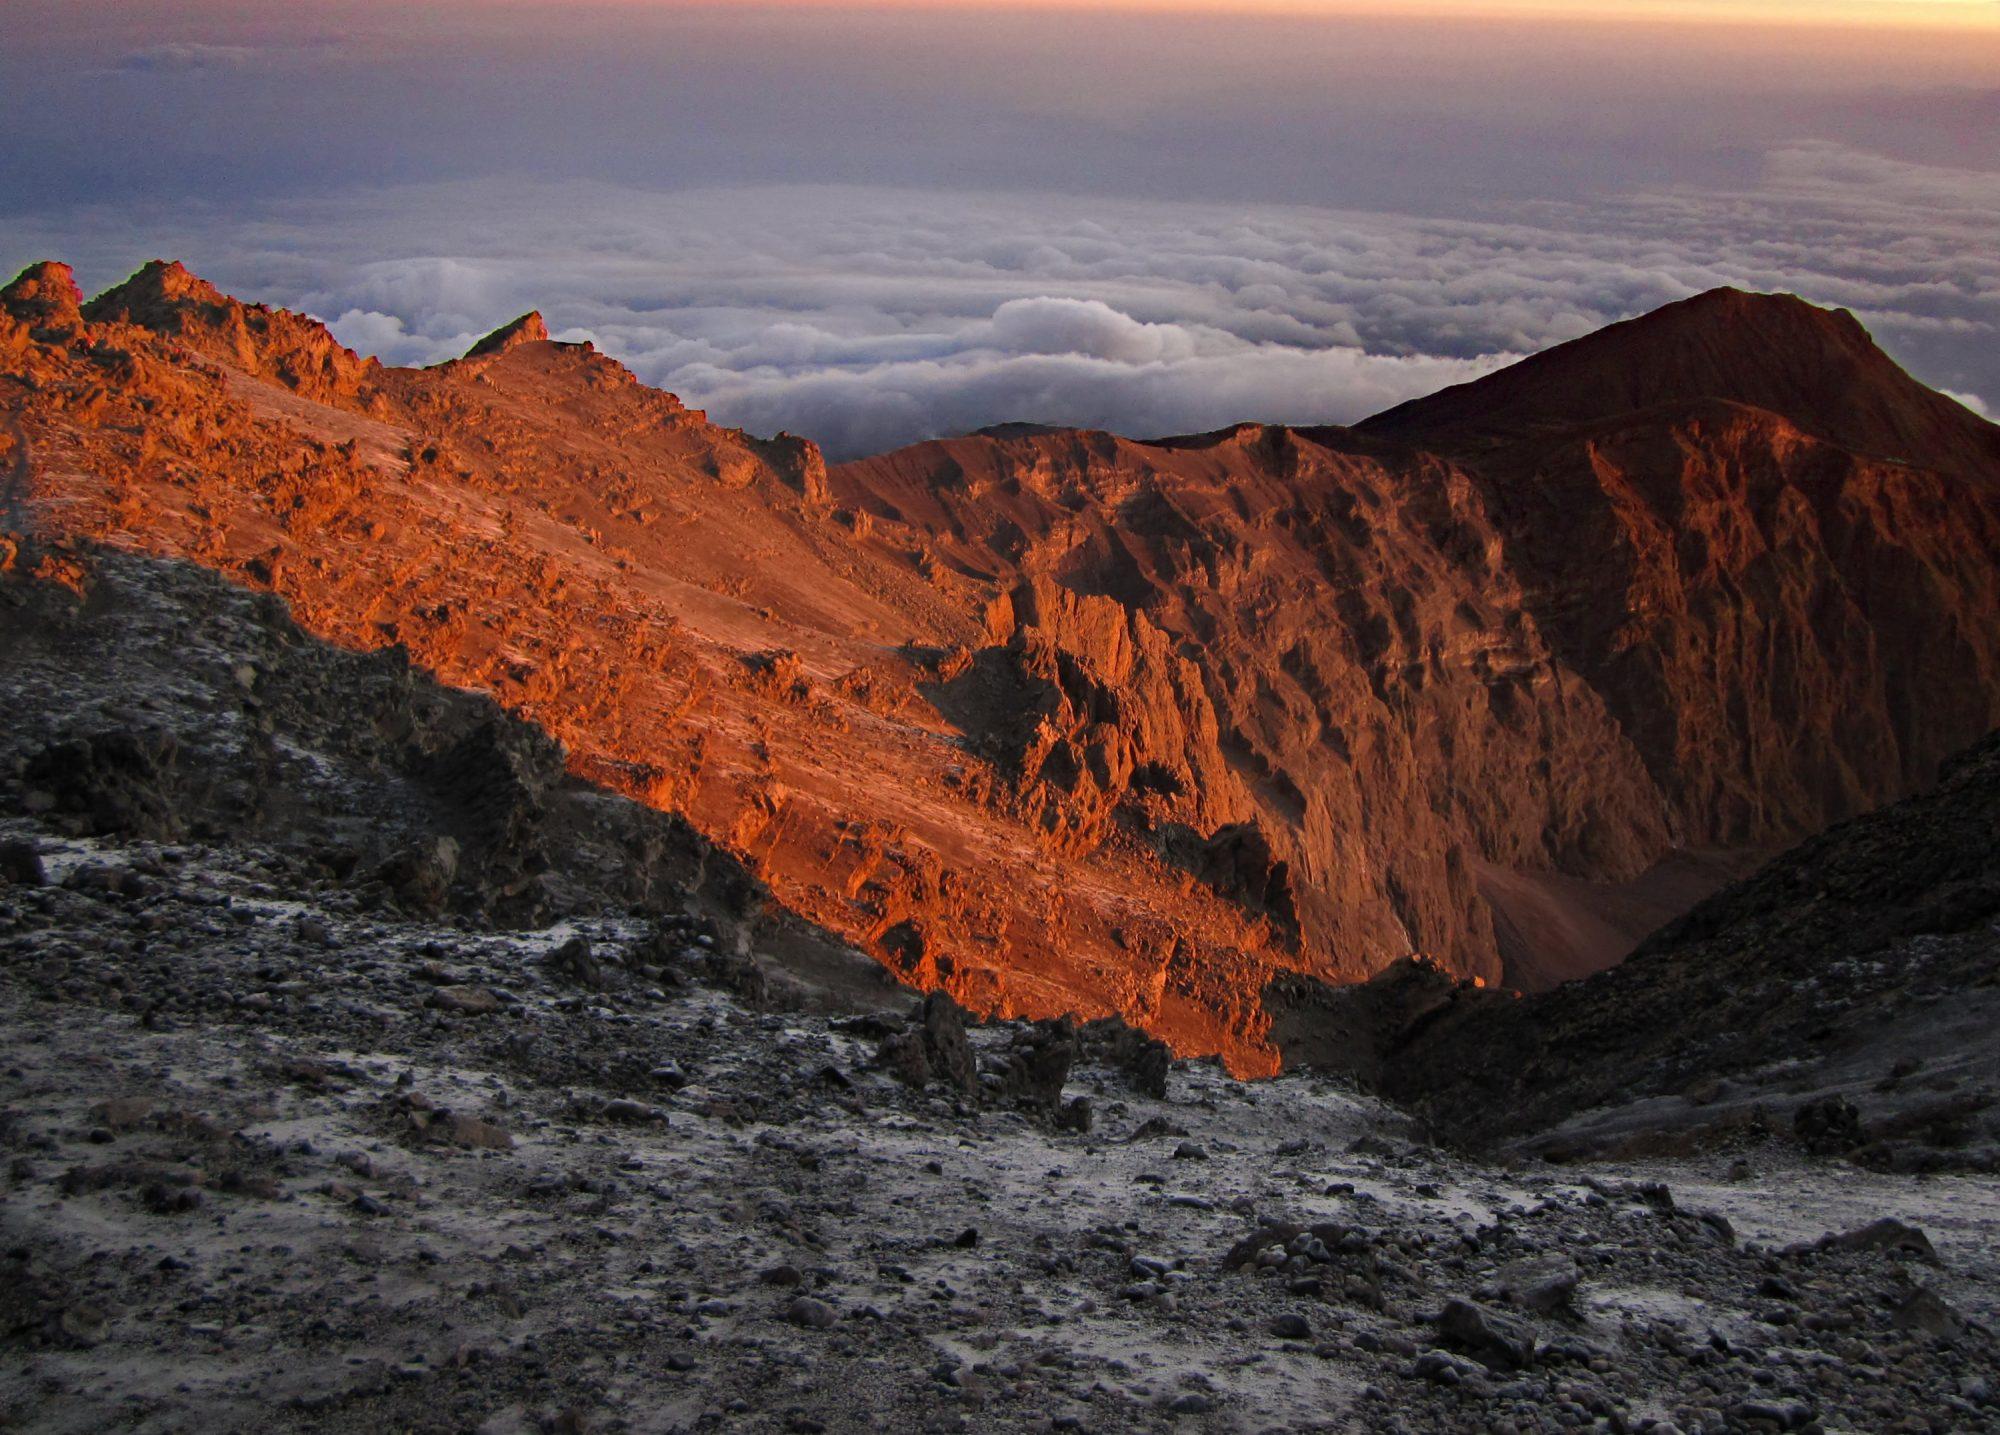 Bergglühen am Mount Meru, Mount Meru Besteigung, Tour, Erfahrungsbericht, Afrika, Tansania, Bergtour